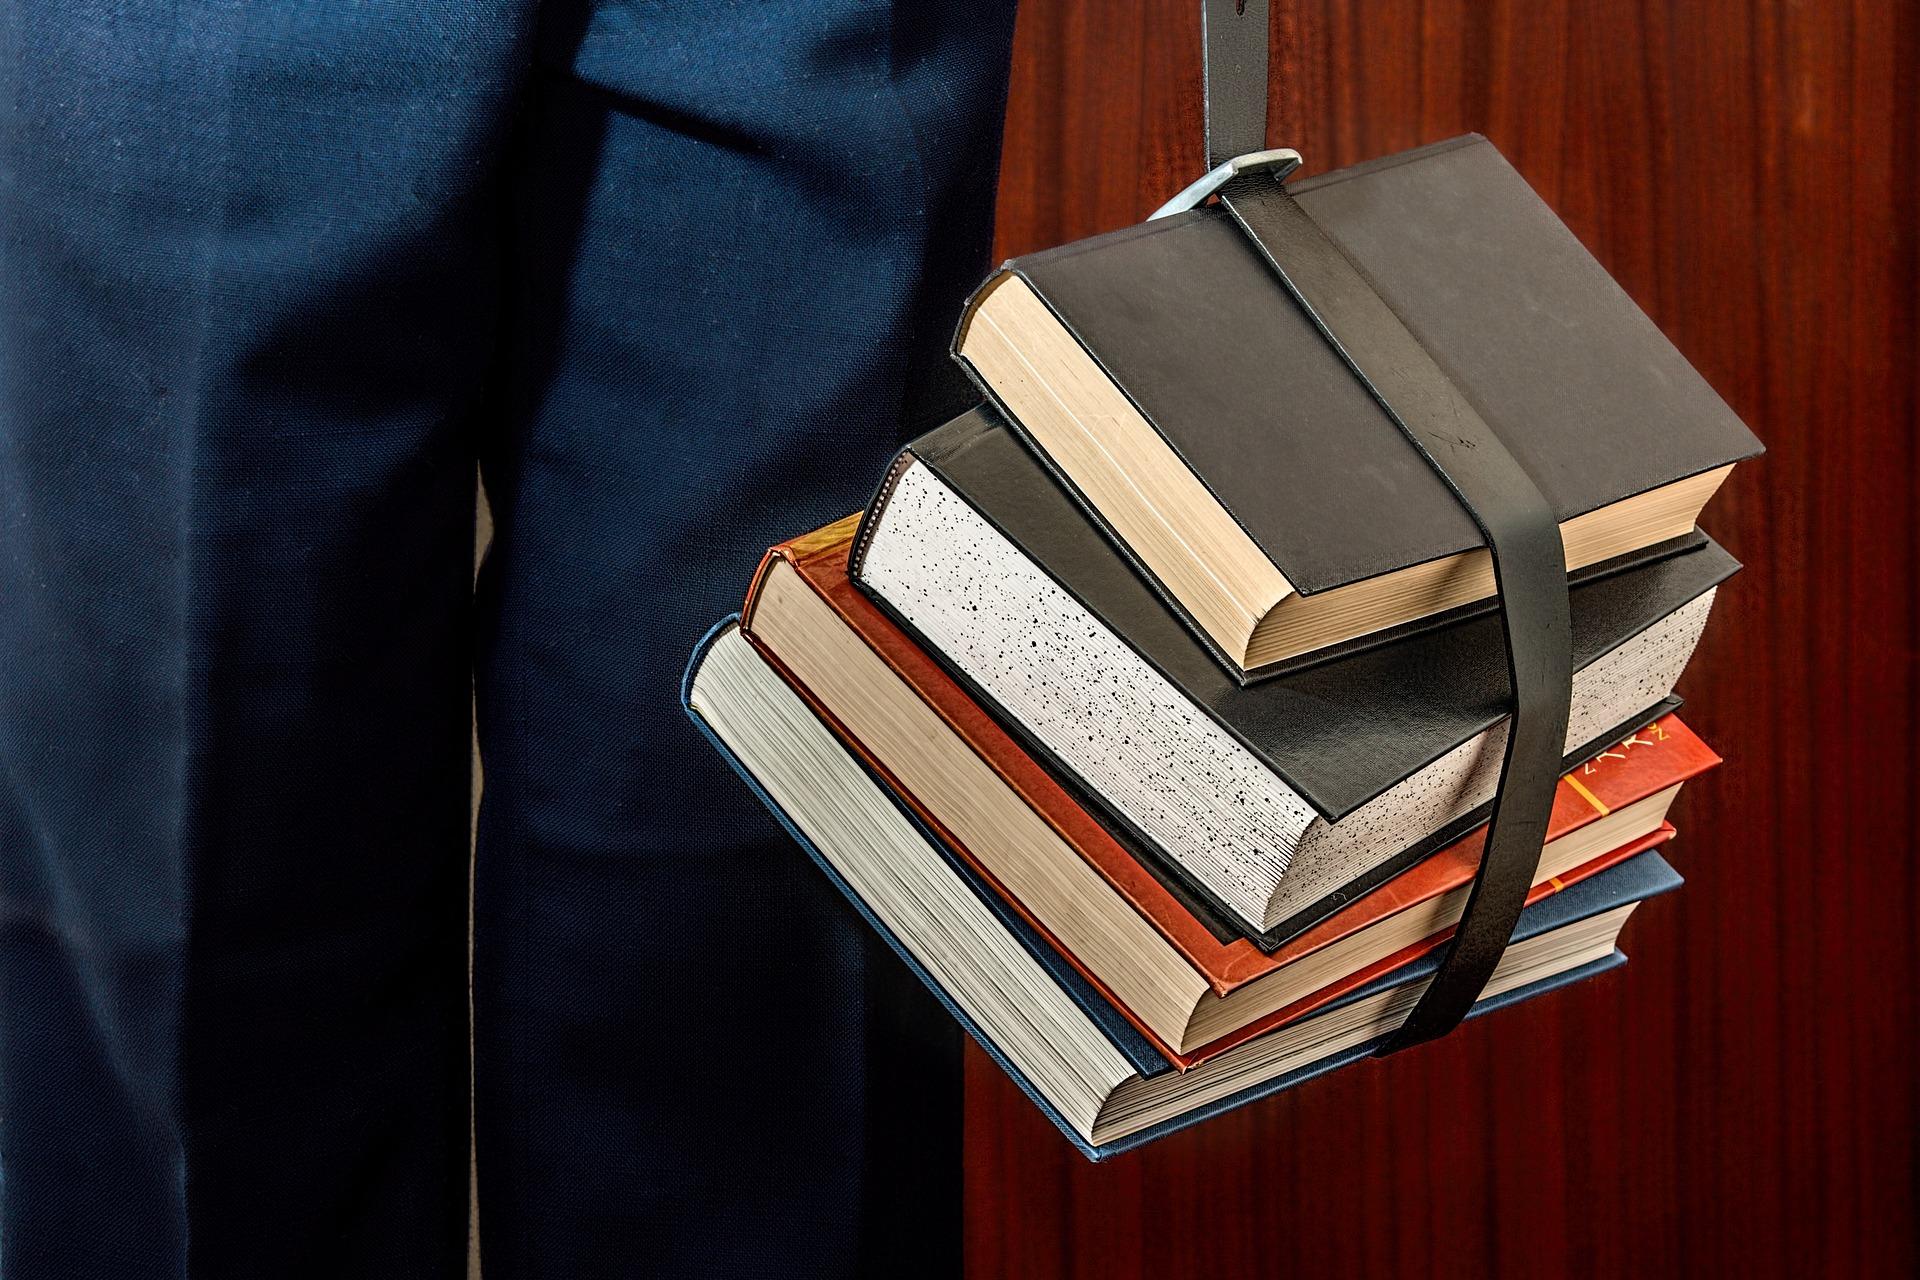 books-1012088_1920.jpg